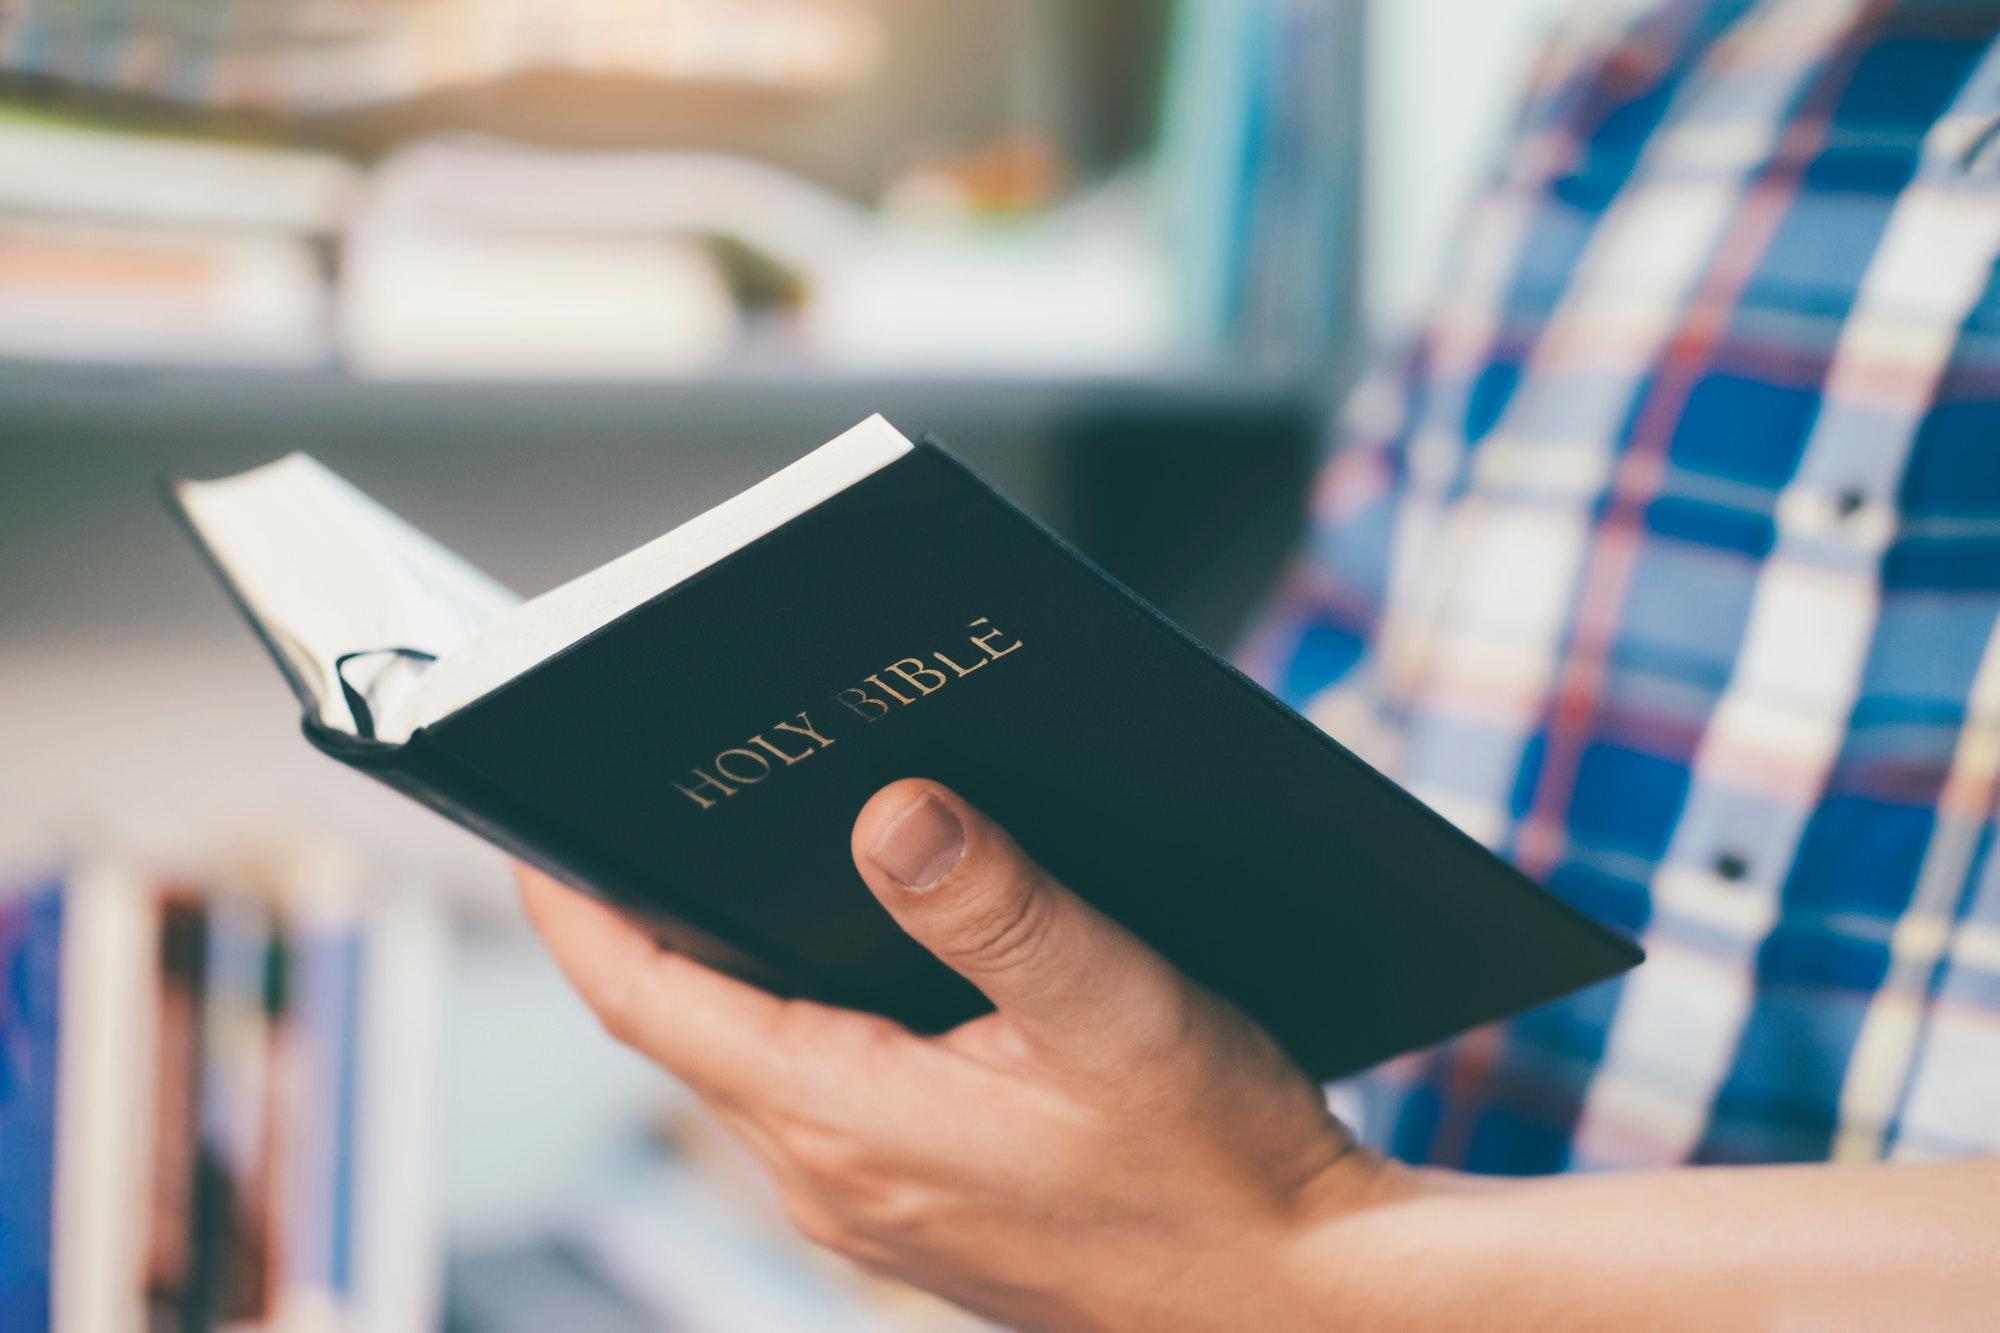 Man reading holy bible.